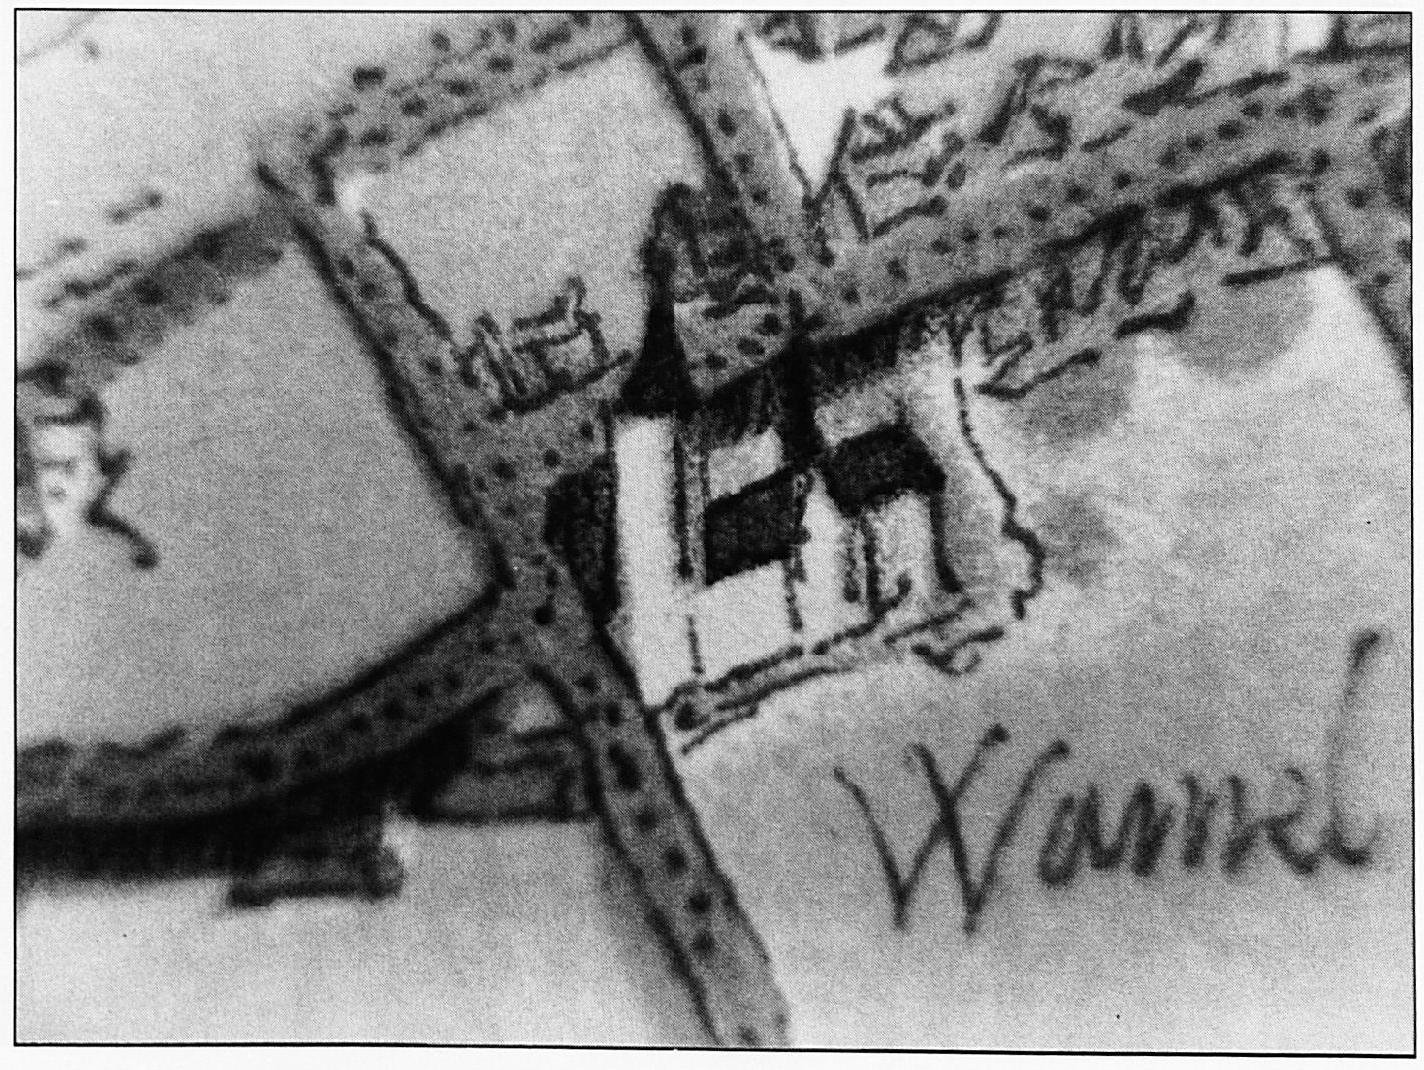 Dit is waarschijnlijk de oudste afbeelding van de Wamelse kerk. Hoewel deze afbeelding slechts een klein detail is op de kaart die Van Deventer tekende, geeft het toch de grootte en belangrijkheid van dit gebouw goed weer.